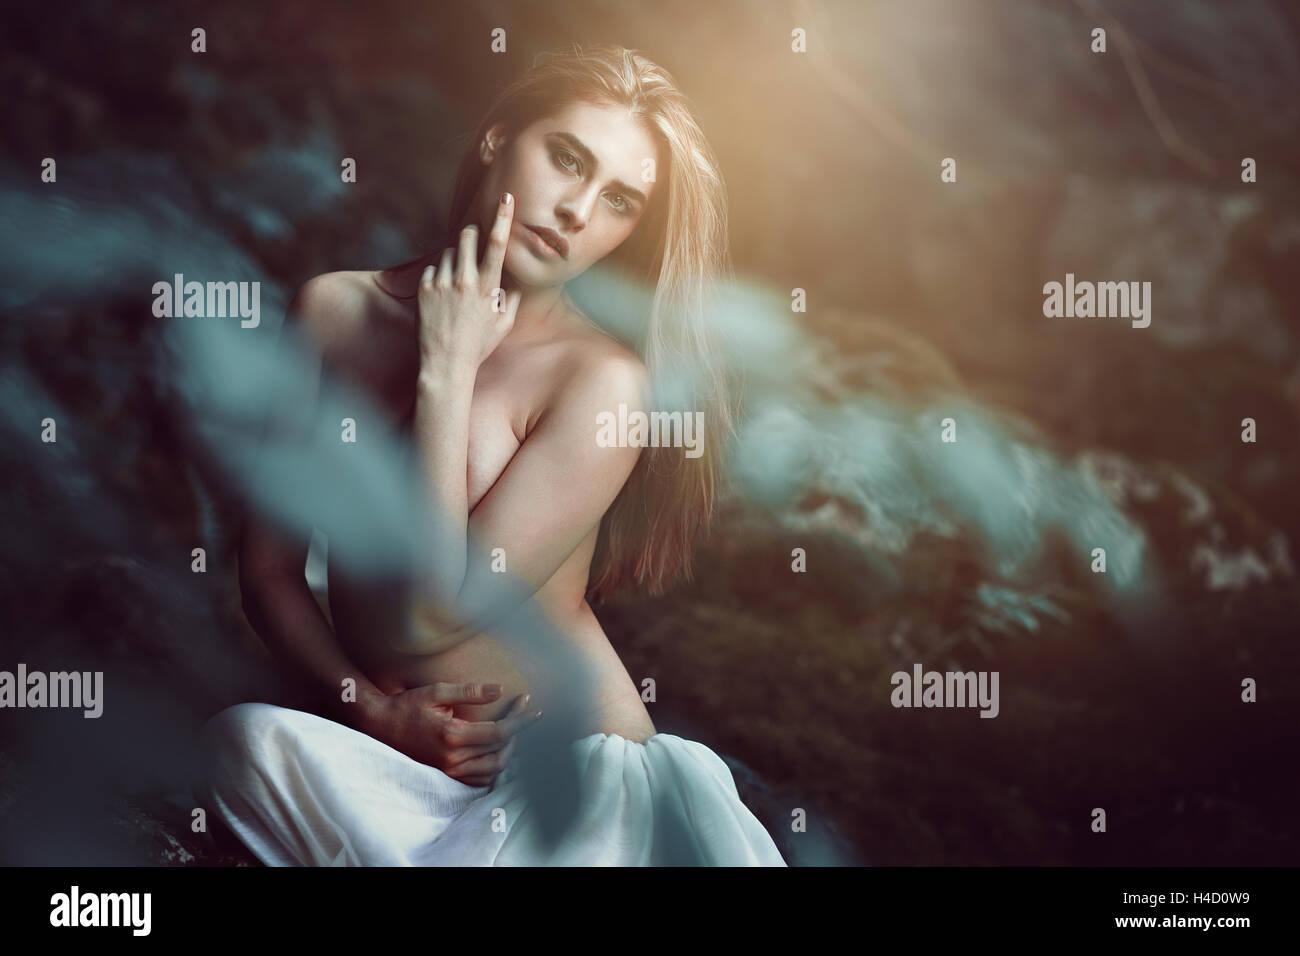 Bella figlia dei boschi in morbida luce sognante. La fantasia e la magia Immagini Stock